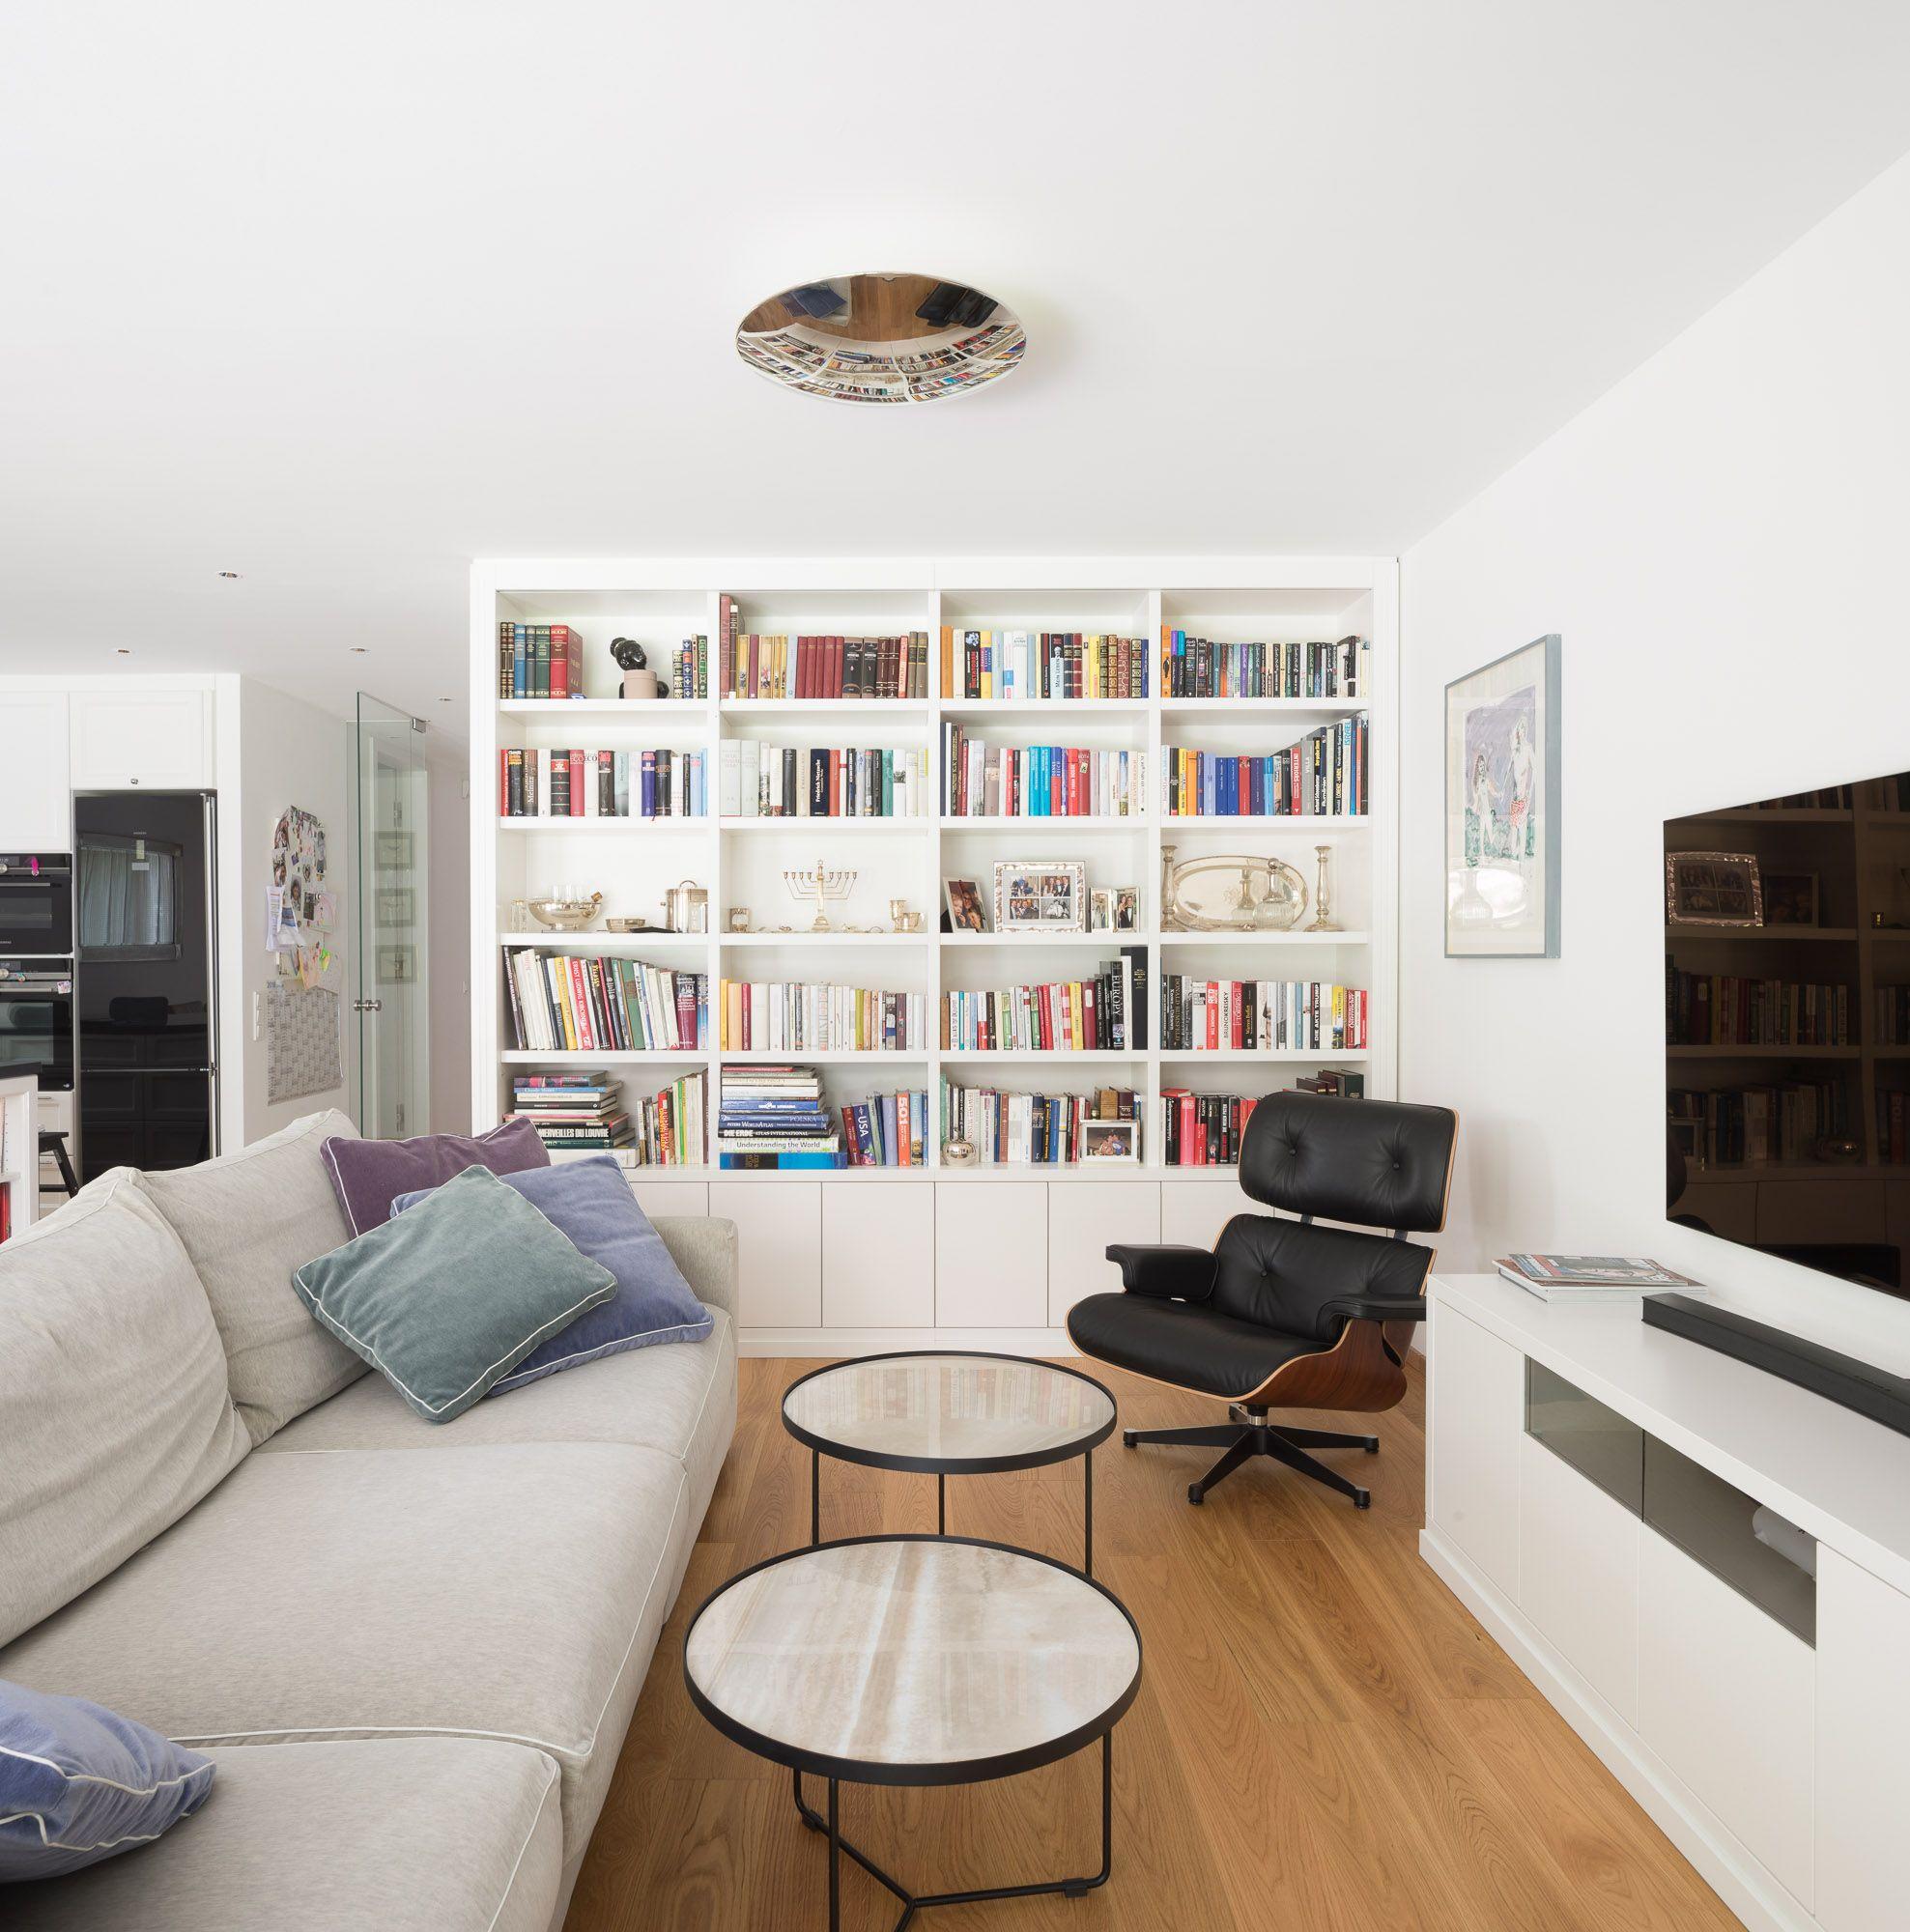 Wohnzimmer mit Bücherwand  Bücherwand, Bücherregal weiss, Wohnzimmer